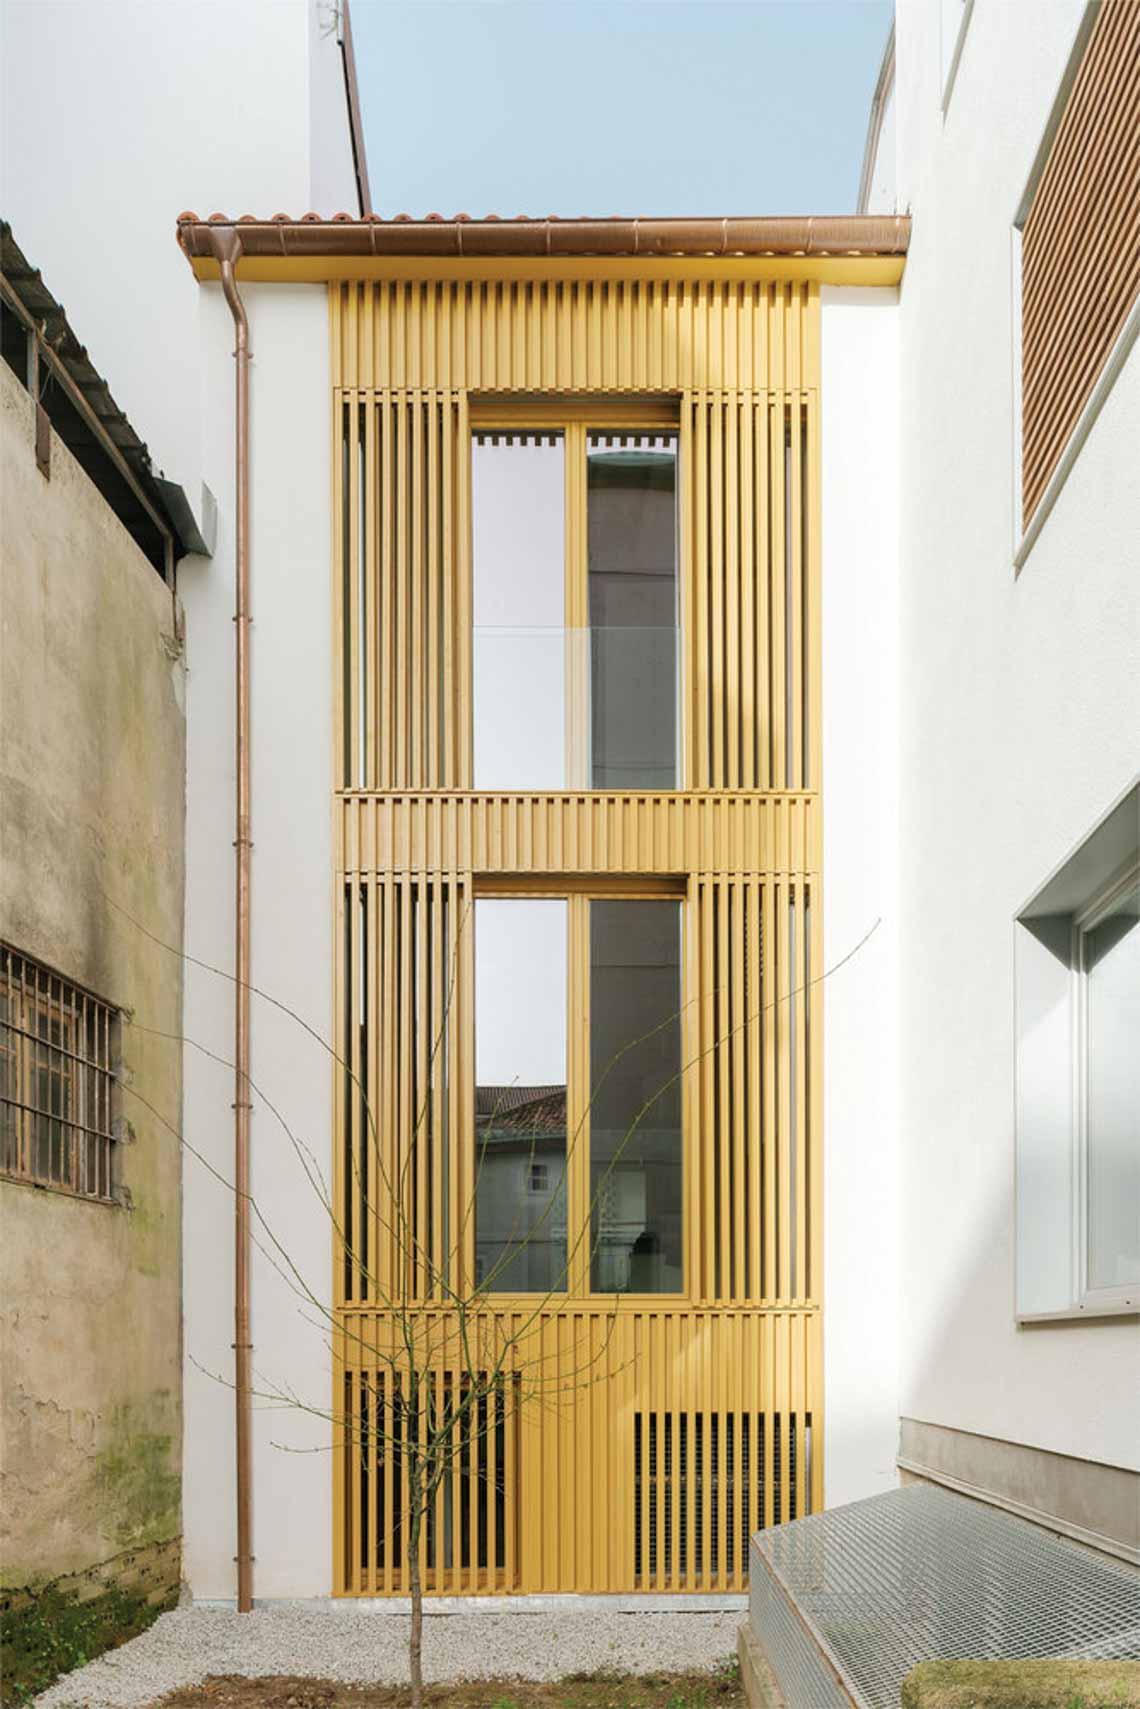 Màu của năm 2021 Pantone: Vàng và xám trong kiến trúc - 43